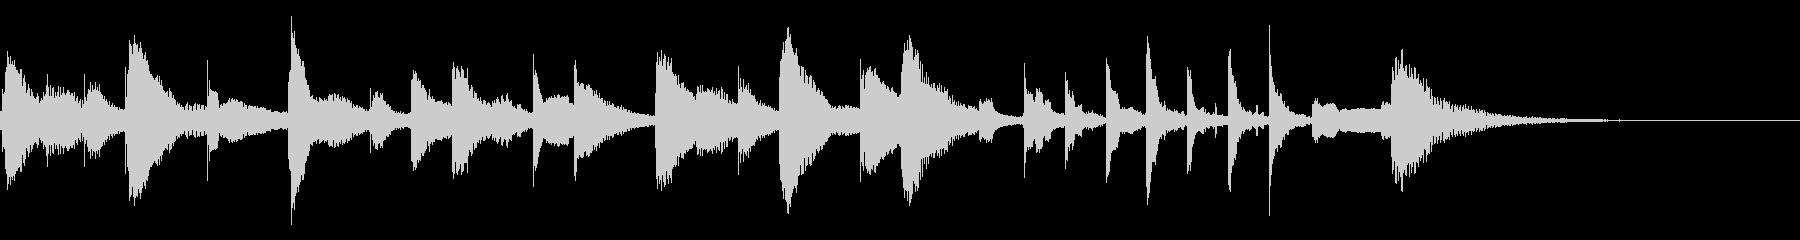 おもちゃの声と木琴のかわいいジングルの未再生の波形